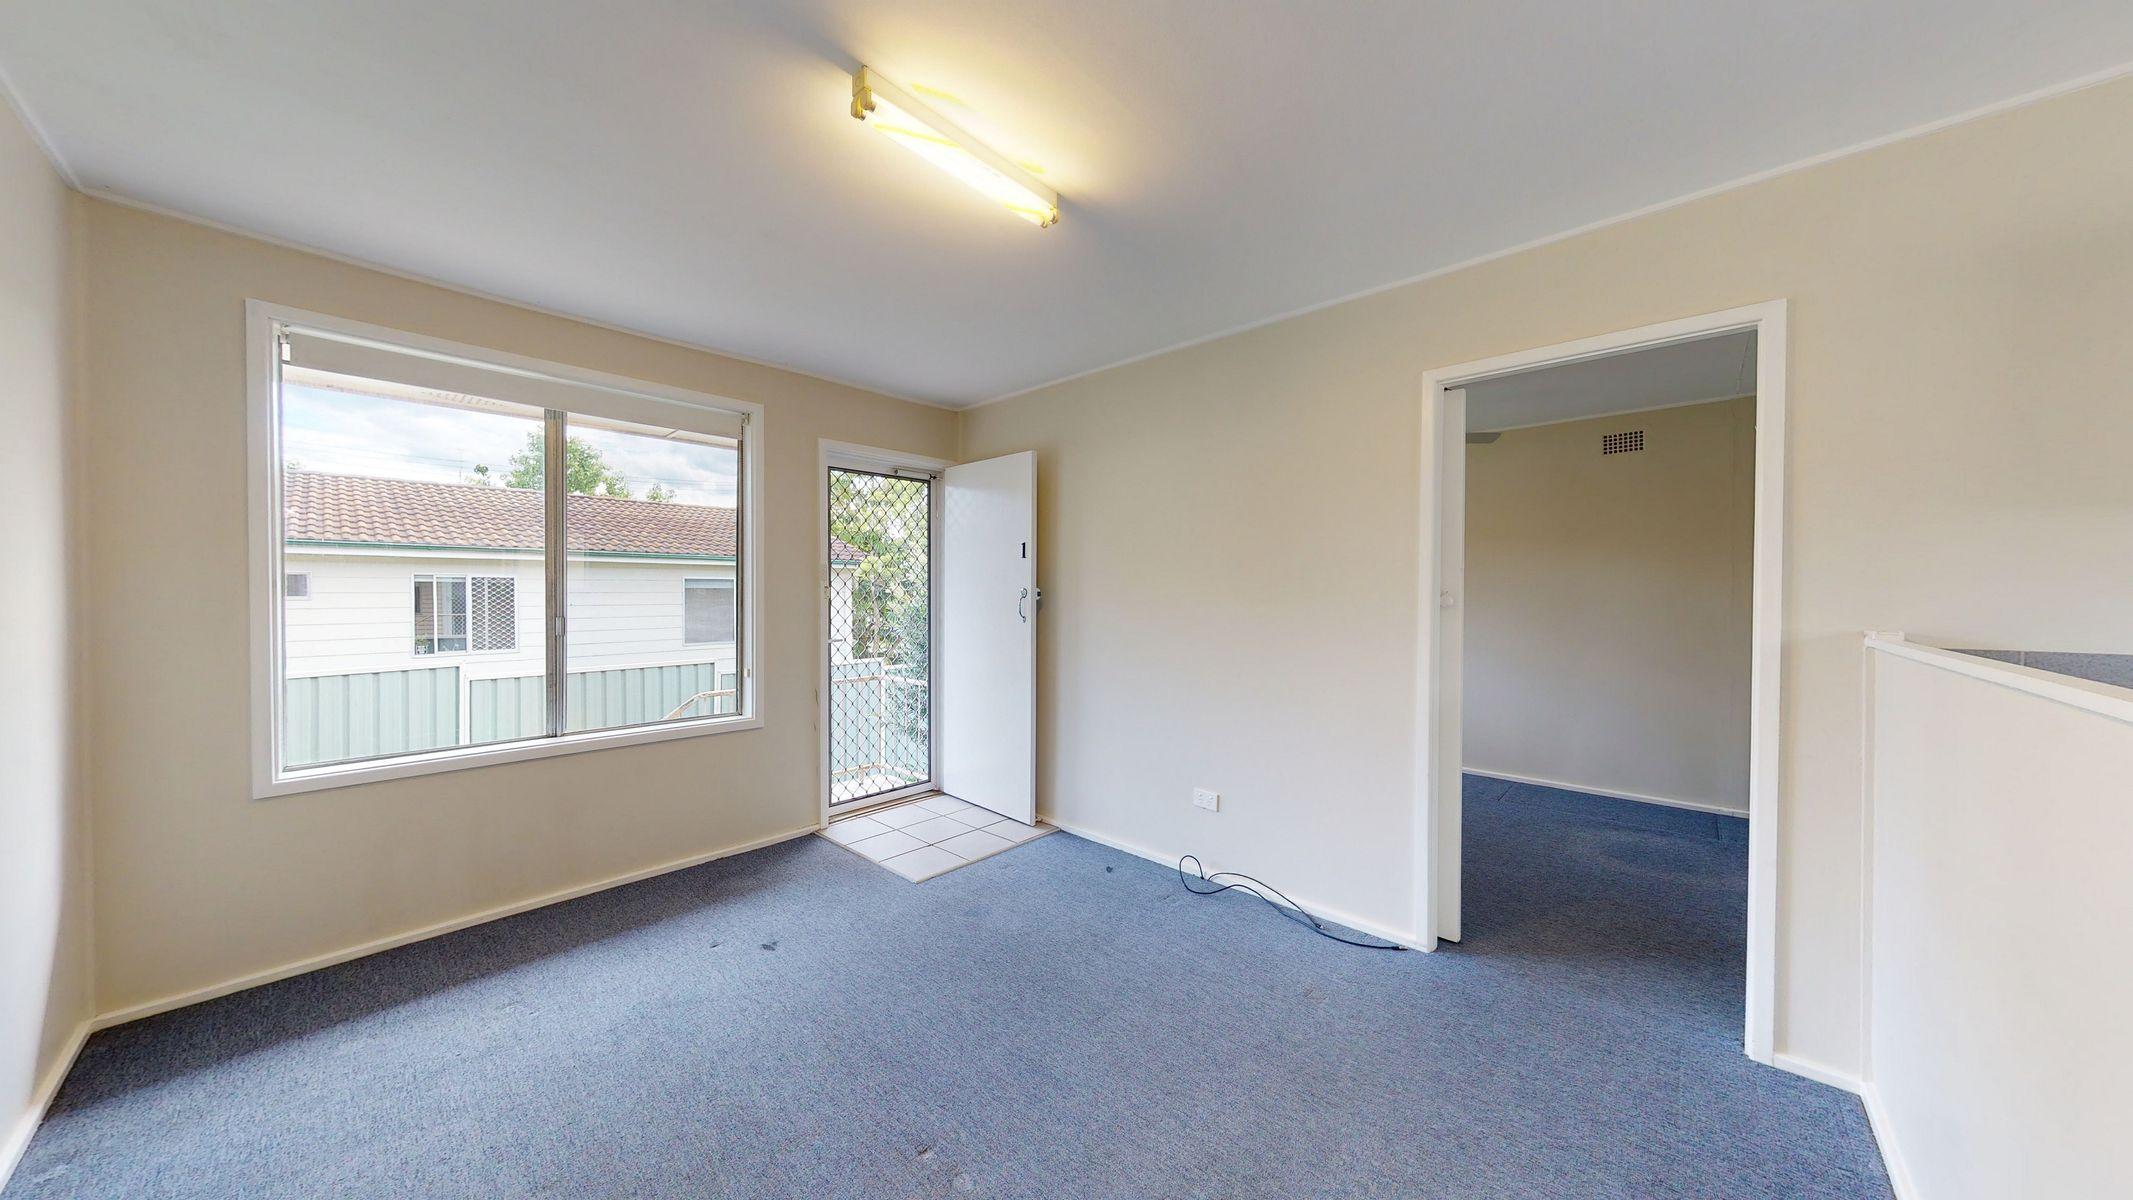 1/3 Laxton Crescent, Belmont North, NSW 2280